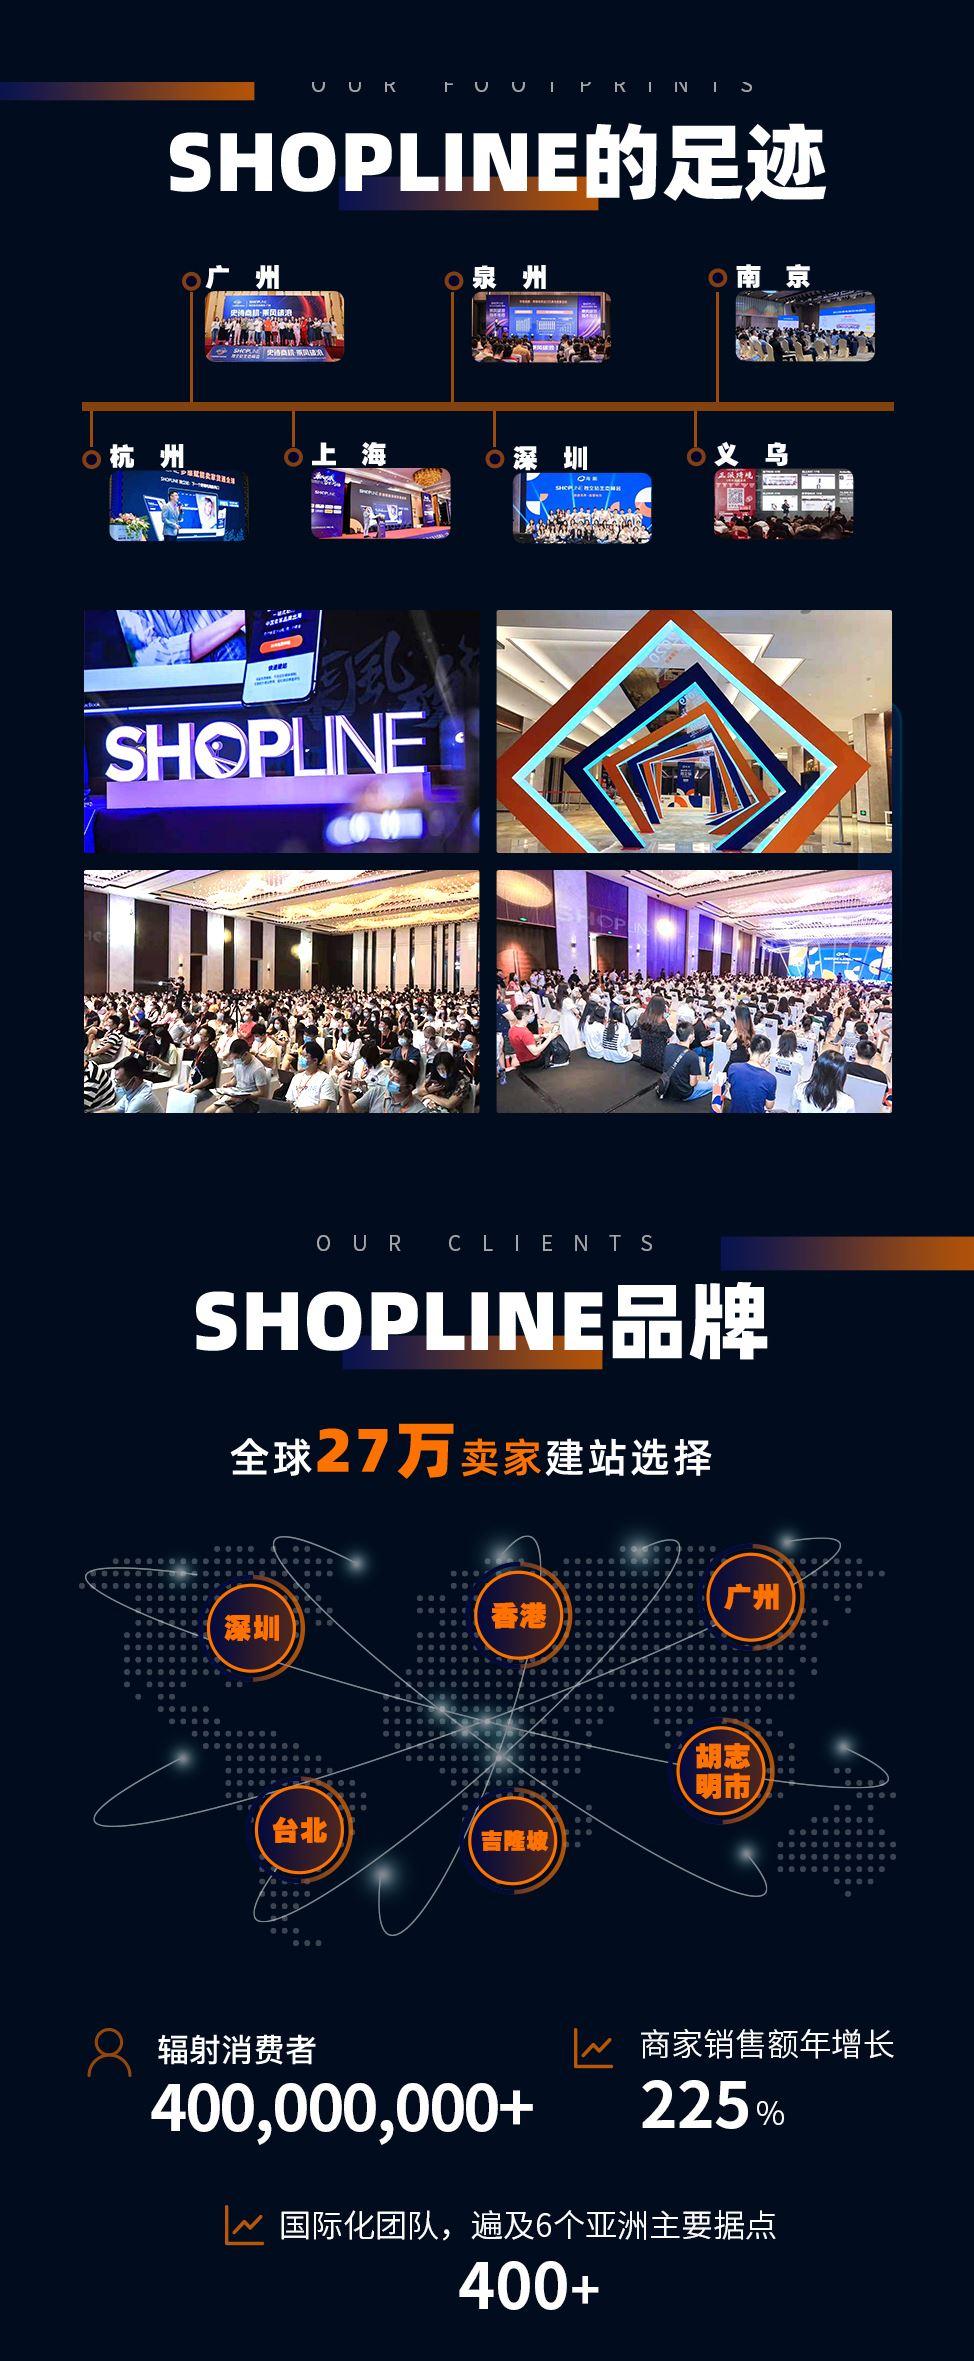 shopline峰会互动吧副本04.jpg